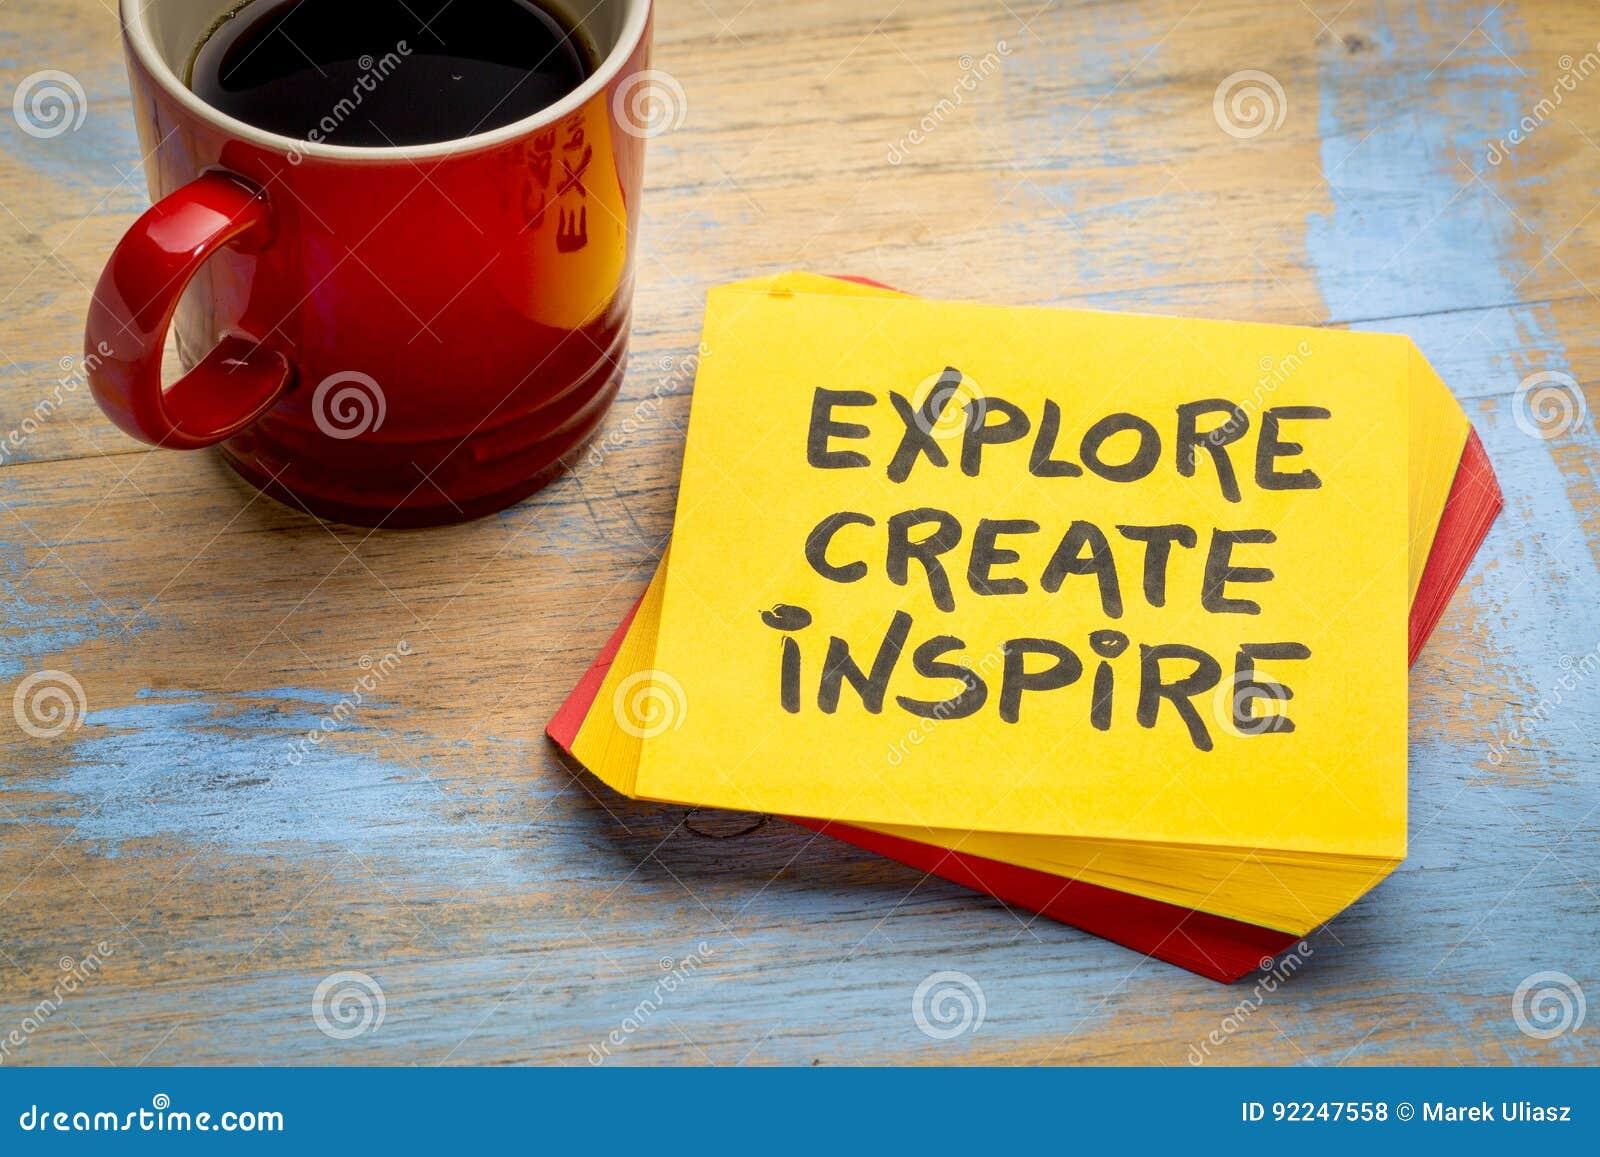 Ερευνήστε, δημιουργήστε, εμπνεύστε την έννοια στην πετσέτα